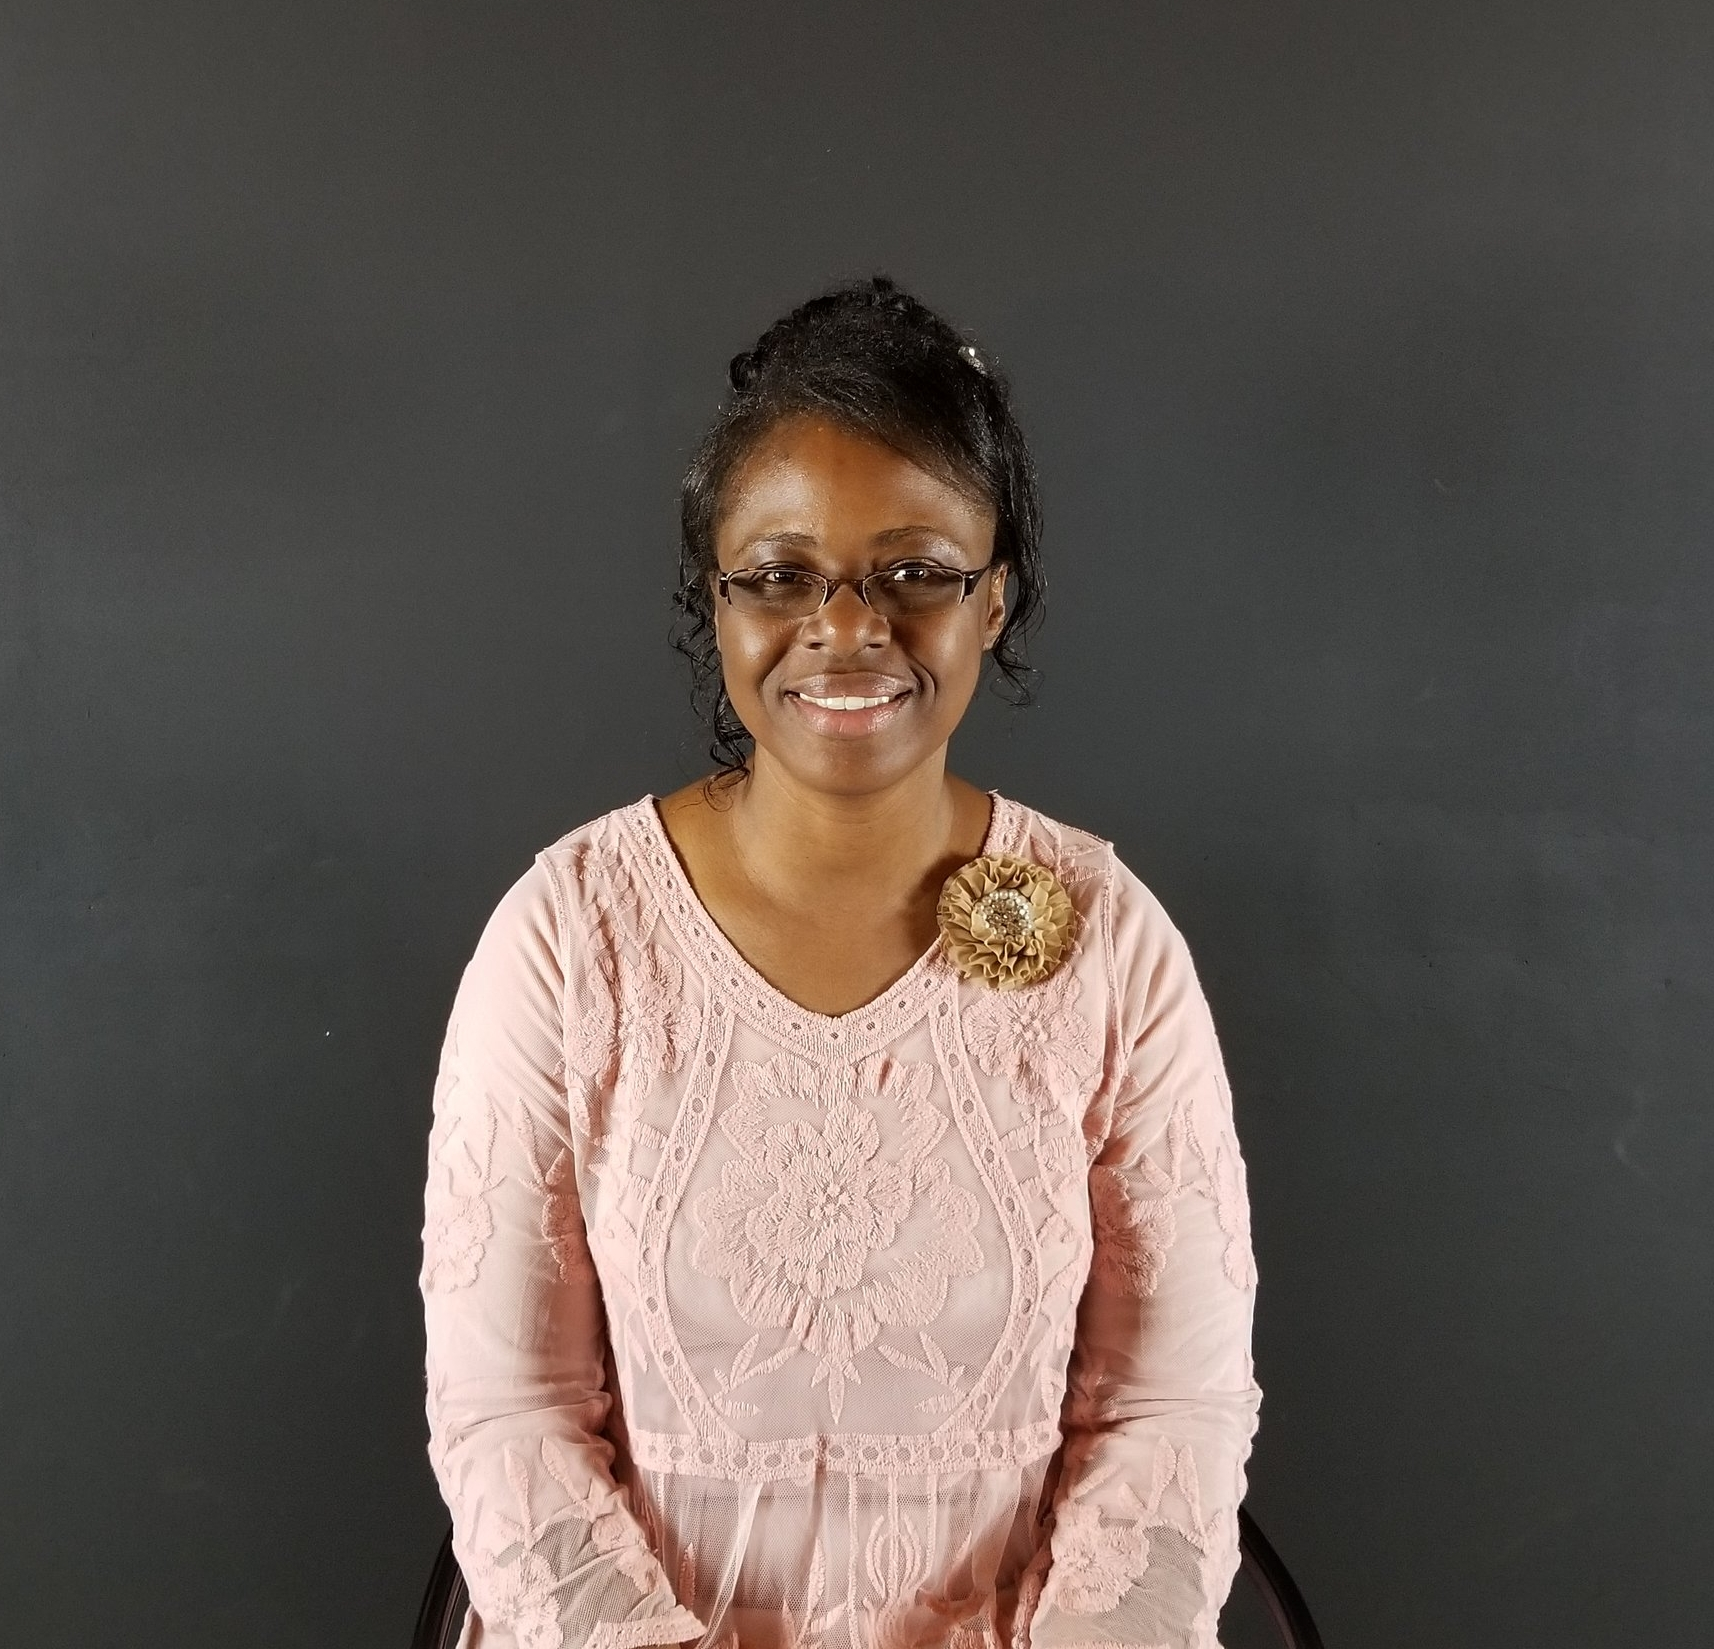 Veronica Crabtree - Preschool Department Director